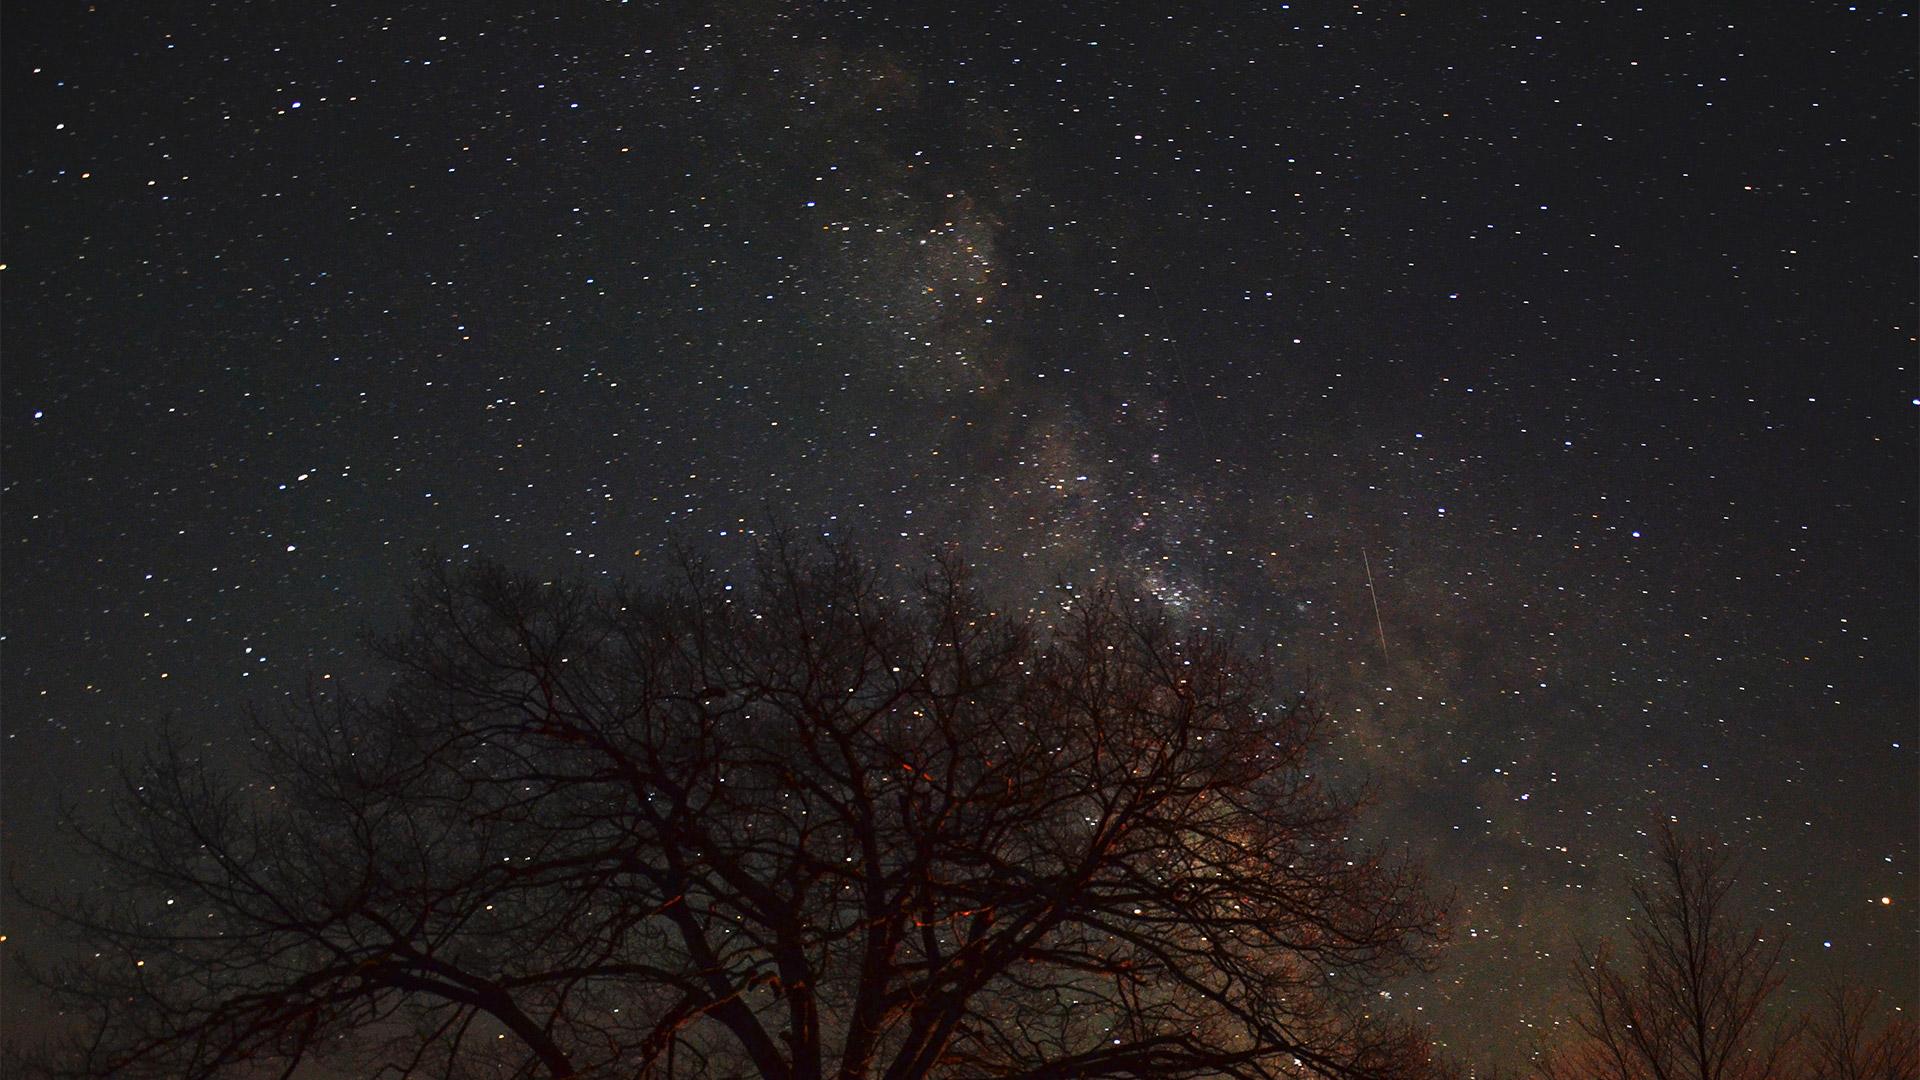 Tại sao đêm đến trời lại tối? Bí ẩn 200 năm nay mới có lời